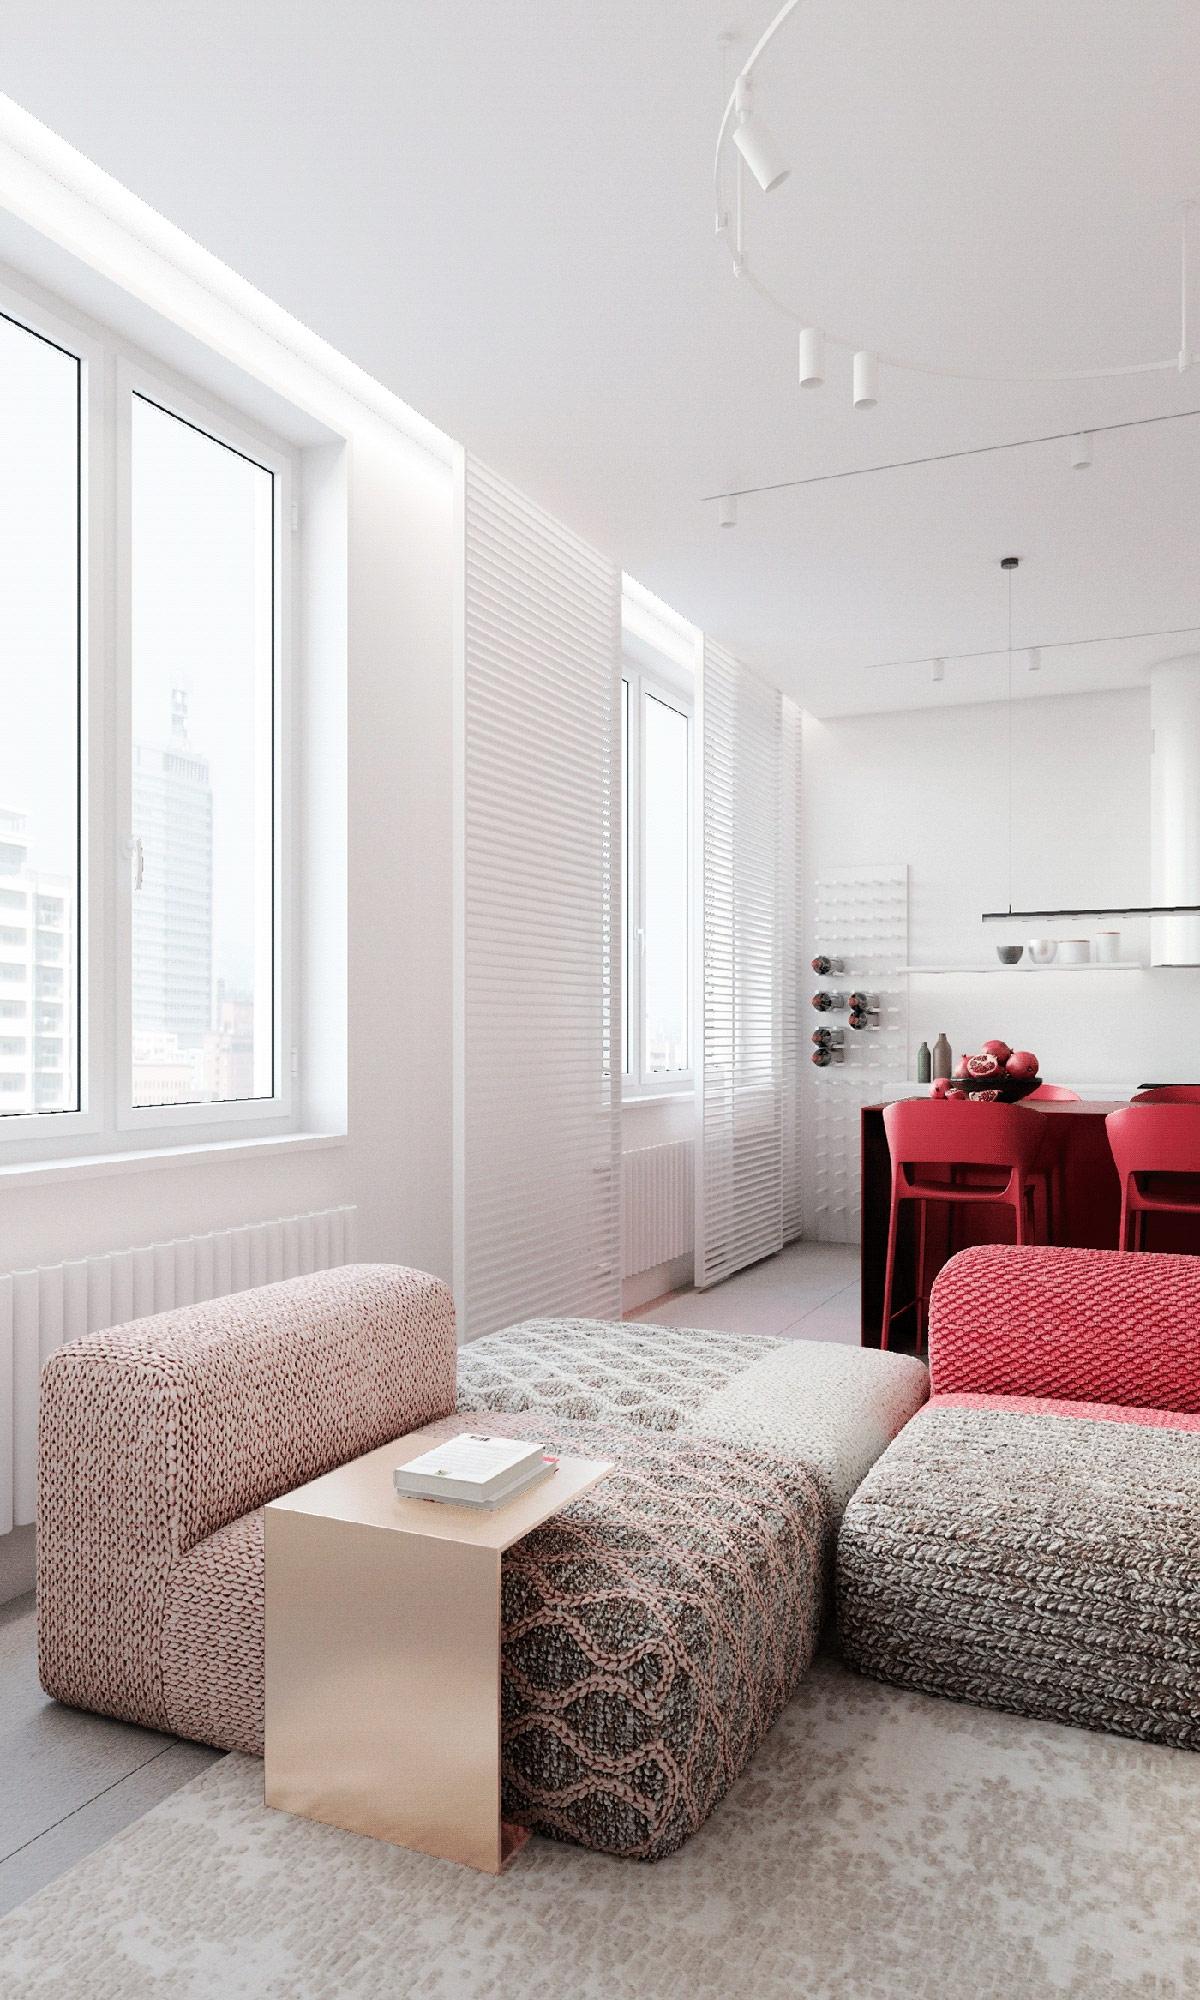 Ngôi nhà của một người phụ nữ ở Moscow, Nga chọn điểm nhấn màu đỏ ở bộ sofa sang trọng. Màu đỏ mạnh mẽ ở phần tựa lưng sau đó điểm xuyết ở phần vải bọc.